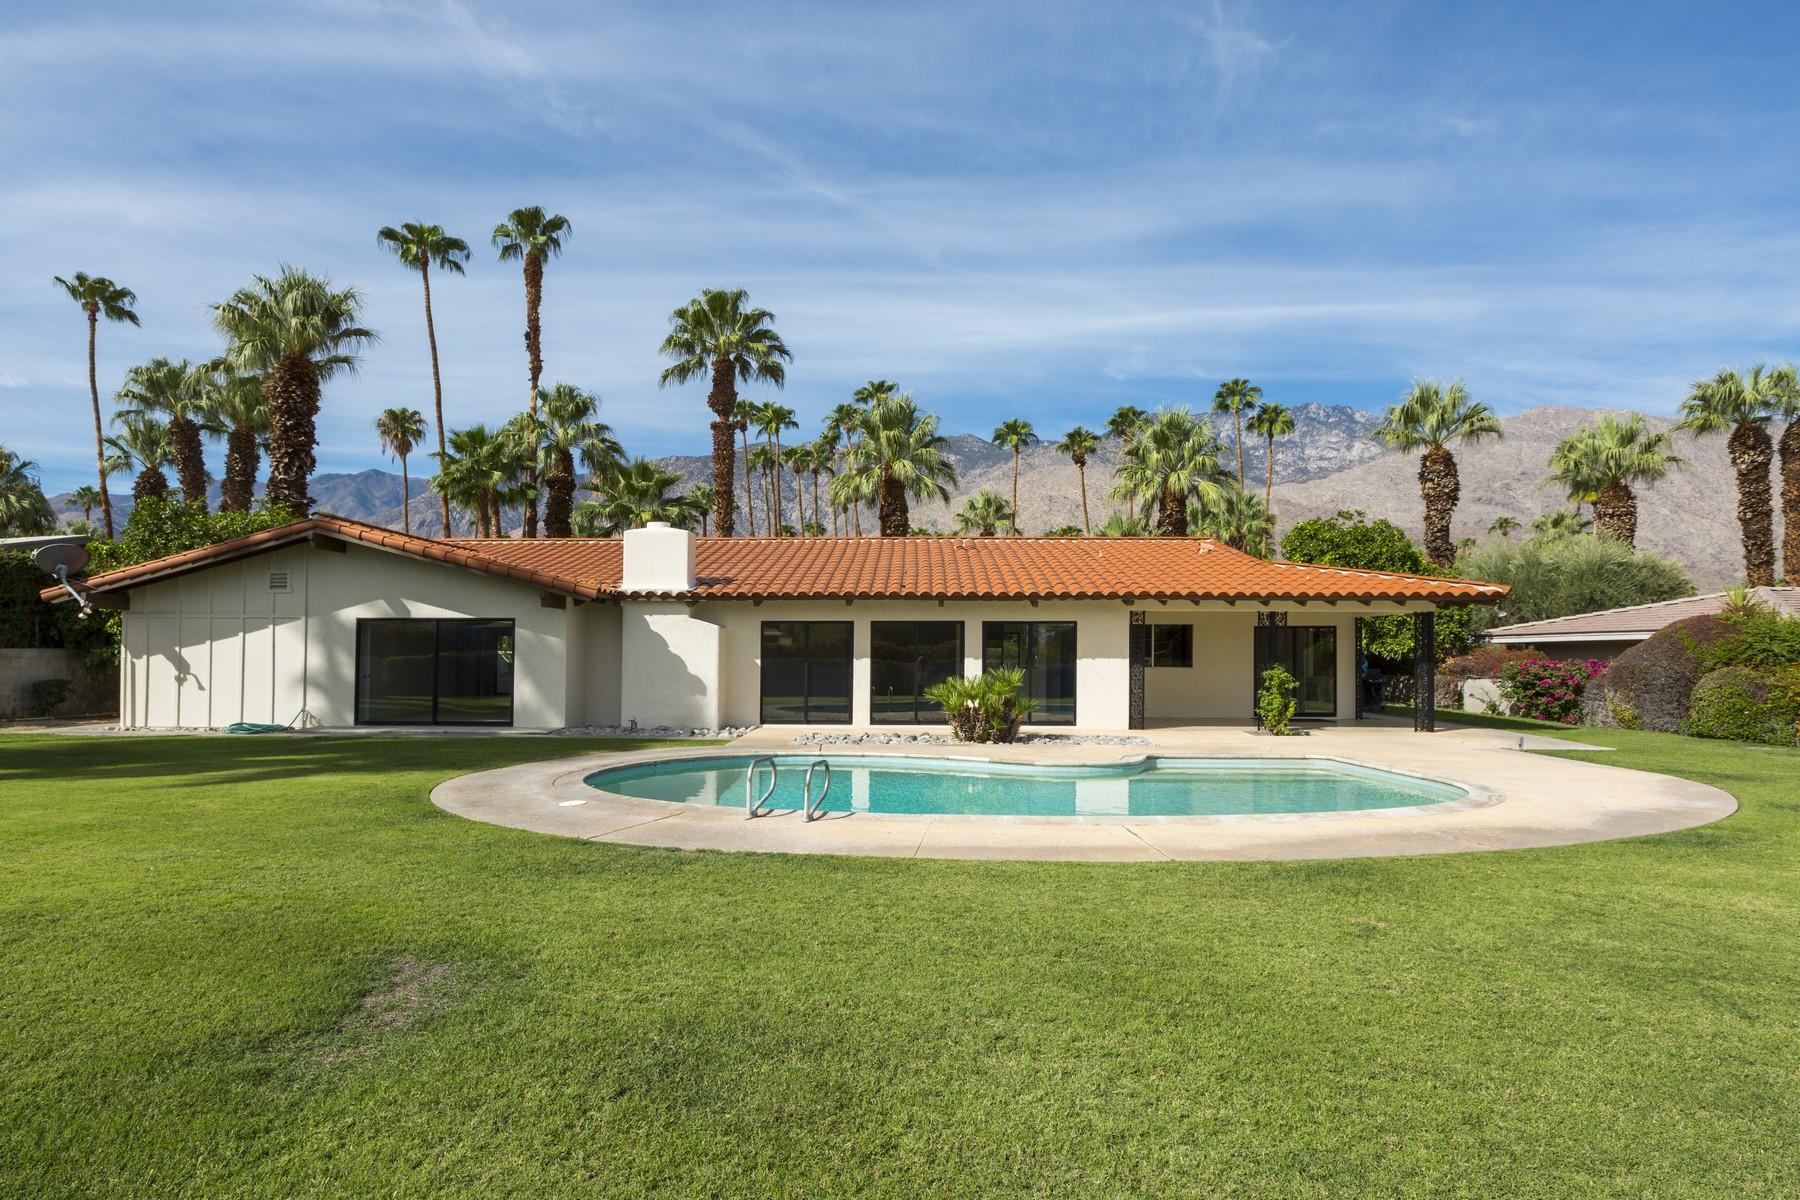 独户住宅 为 销售 在 1958 South Toledo Avenue Palm Springs, 加利福尼亚州 92264 美国